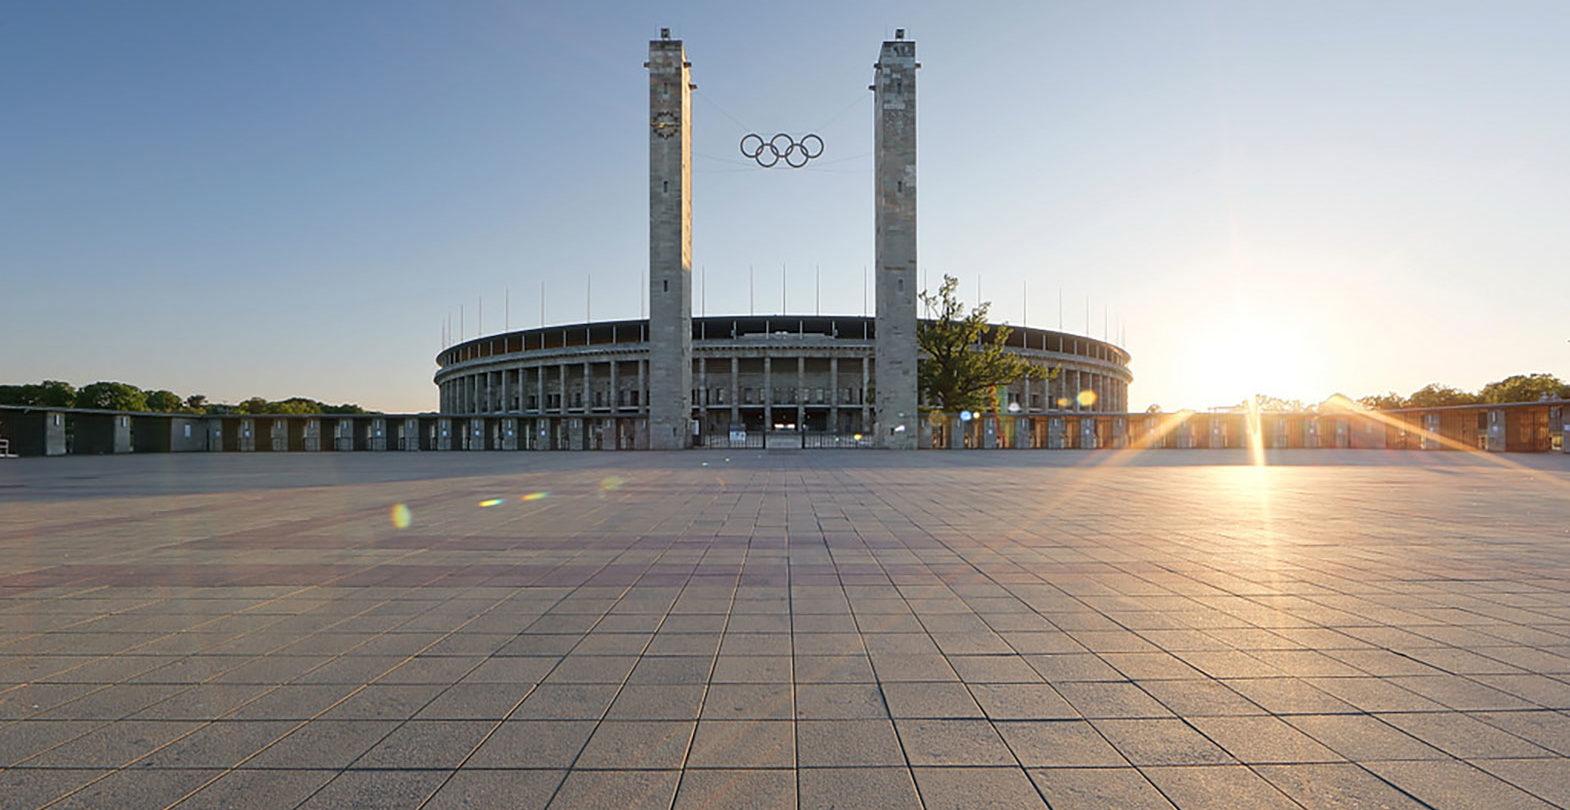 Das Berliner Olympiastadion mit den Olympischen Ringen.